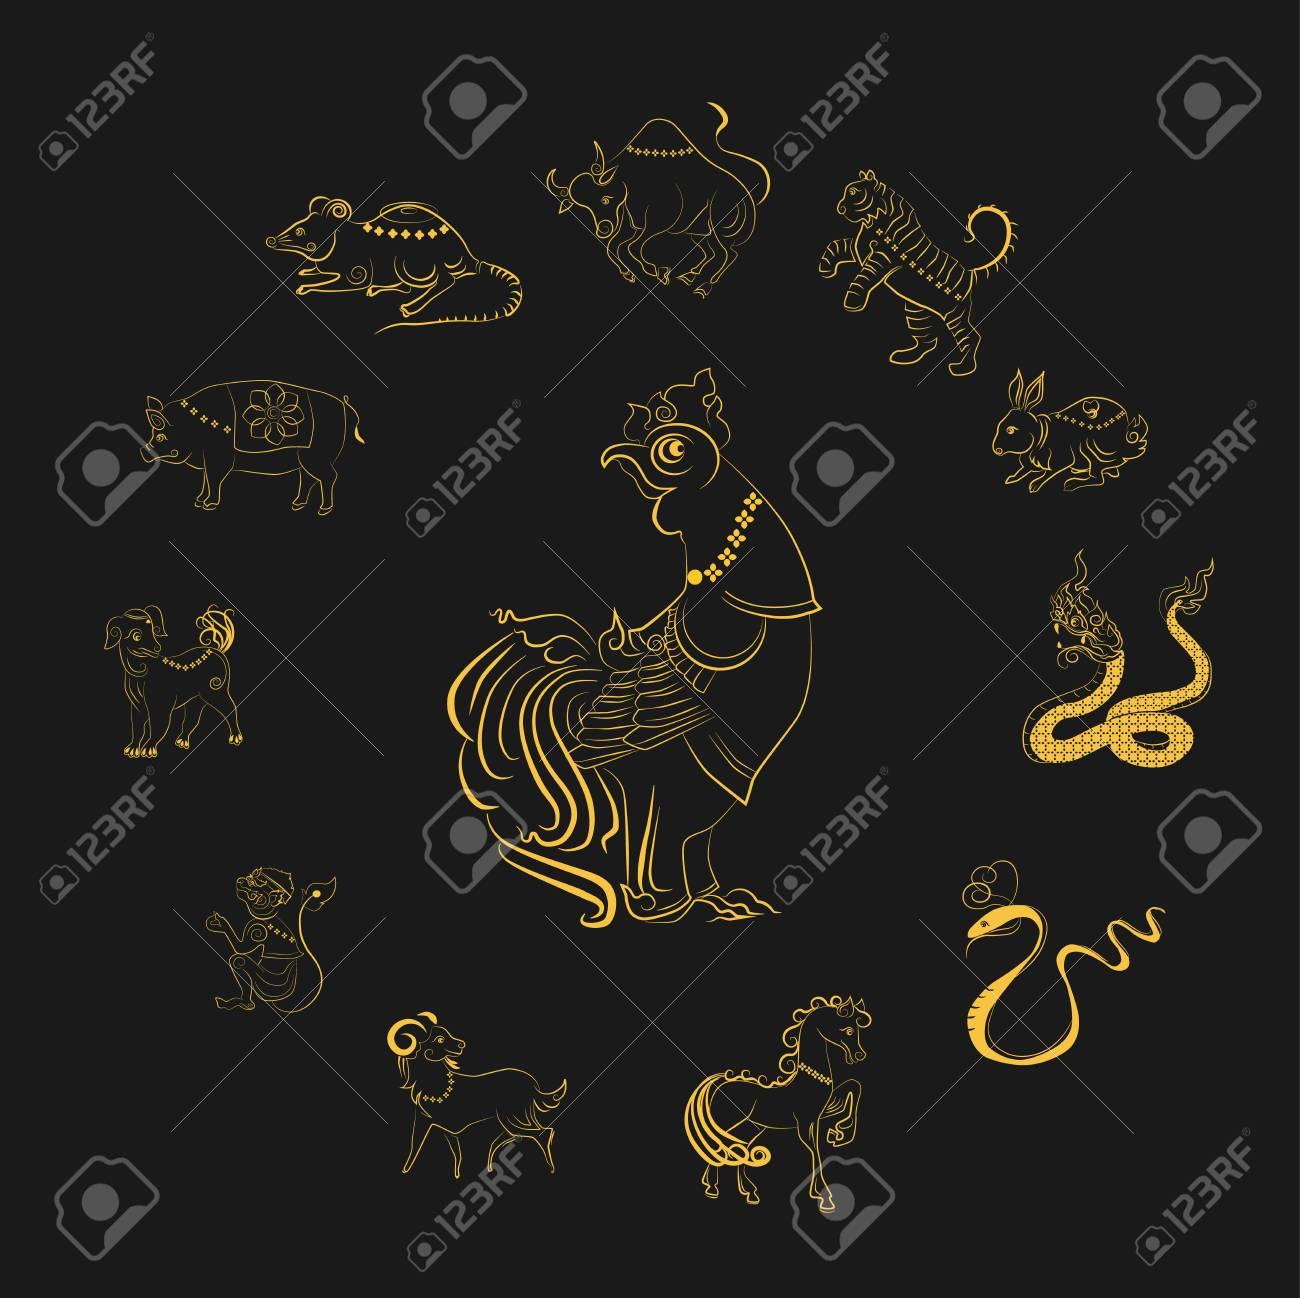 Calendario Zodiacale Cinese.12 Animali Dello Zodiaco Cinese Basati Sulla Credenza Del Popolo Asiatico Questo E L Anno Che Rappresenta Il Destino E Lo Stile Di Vita I Simboli